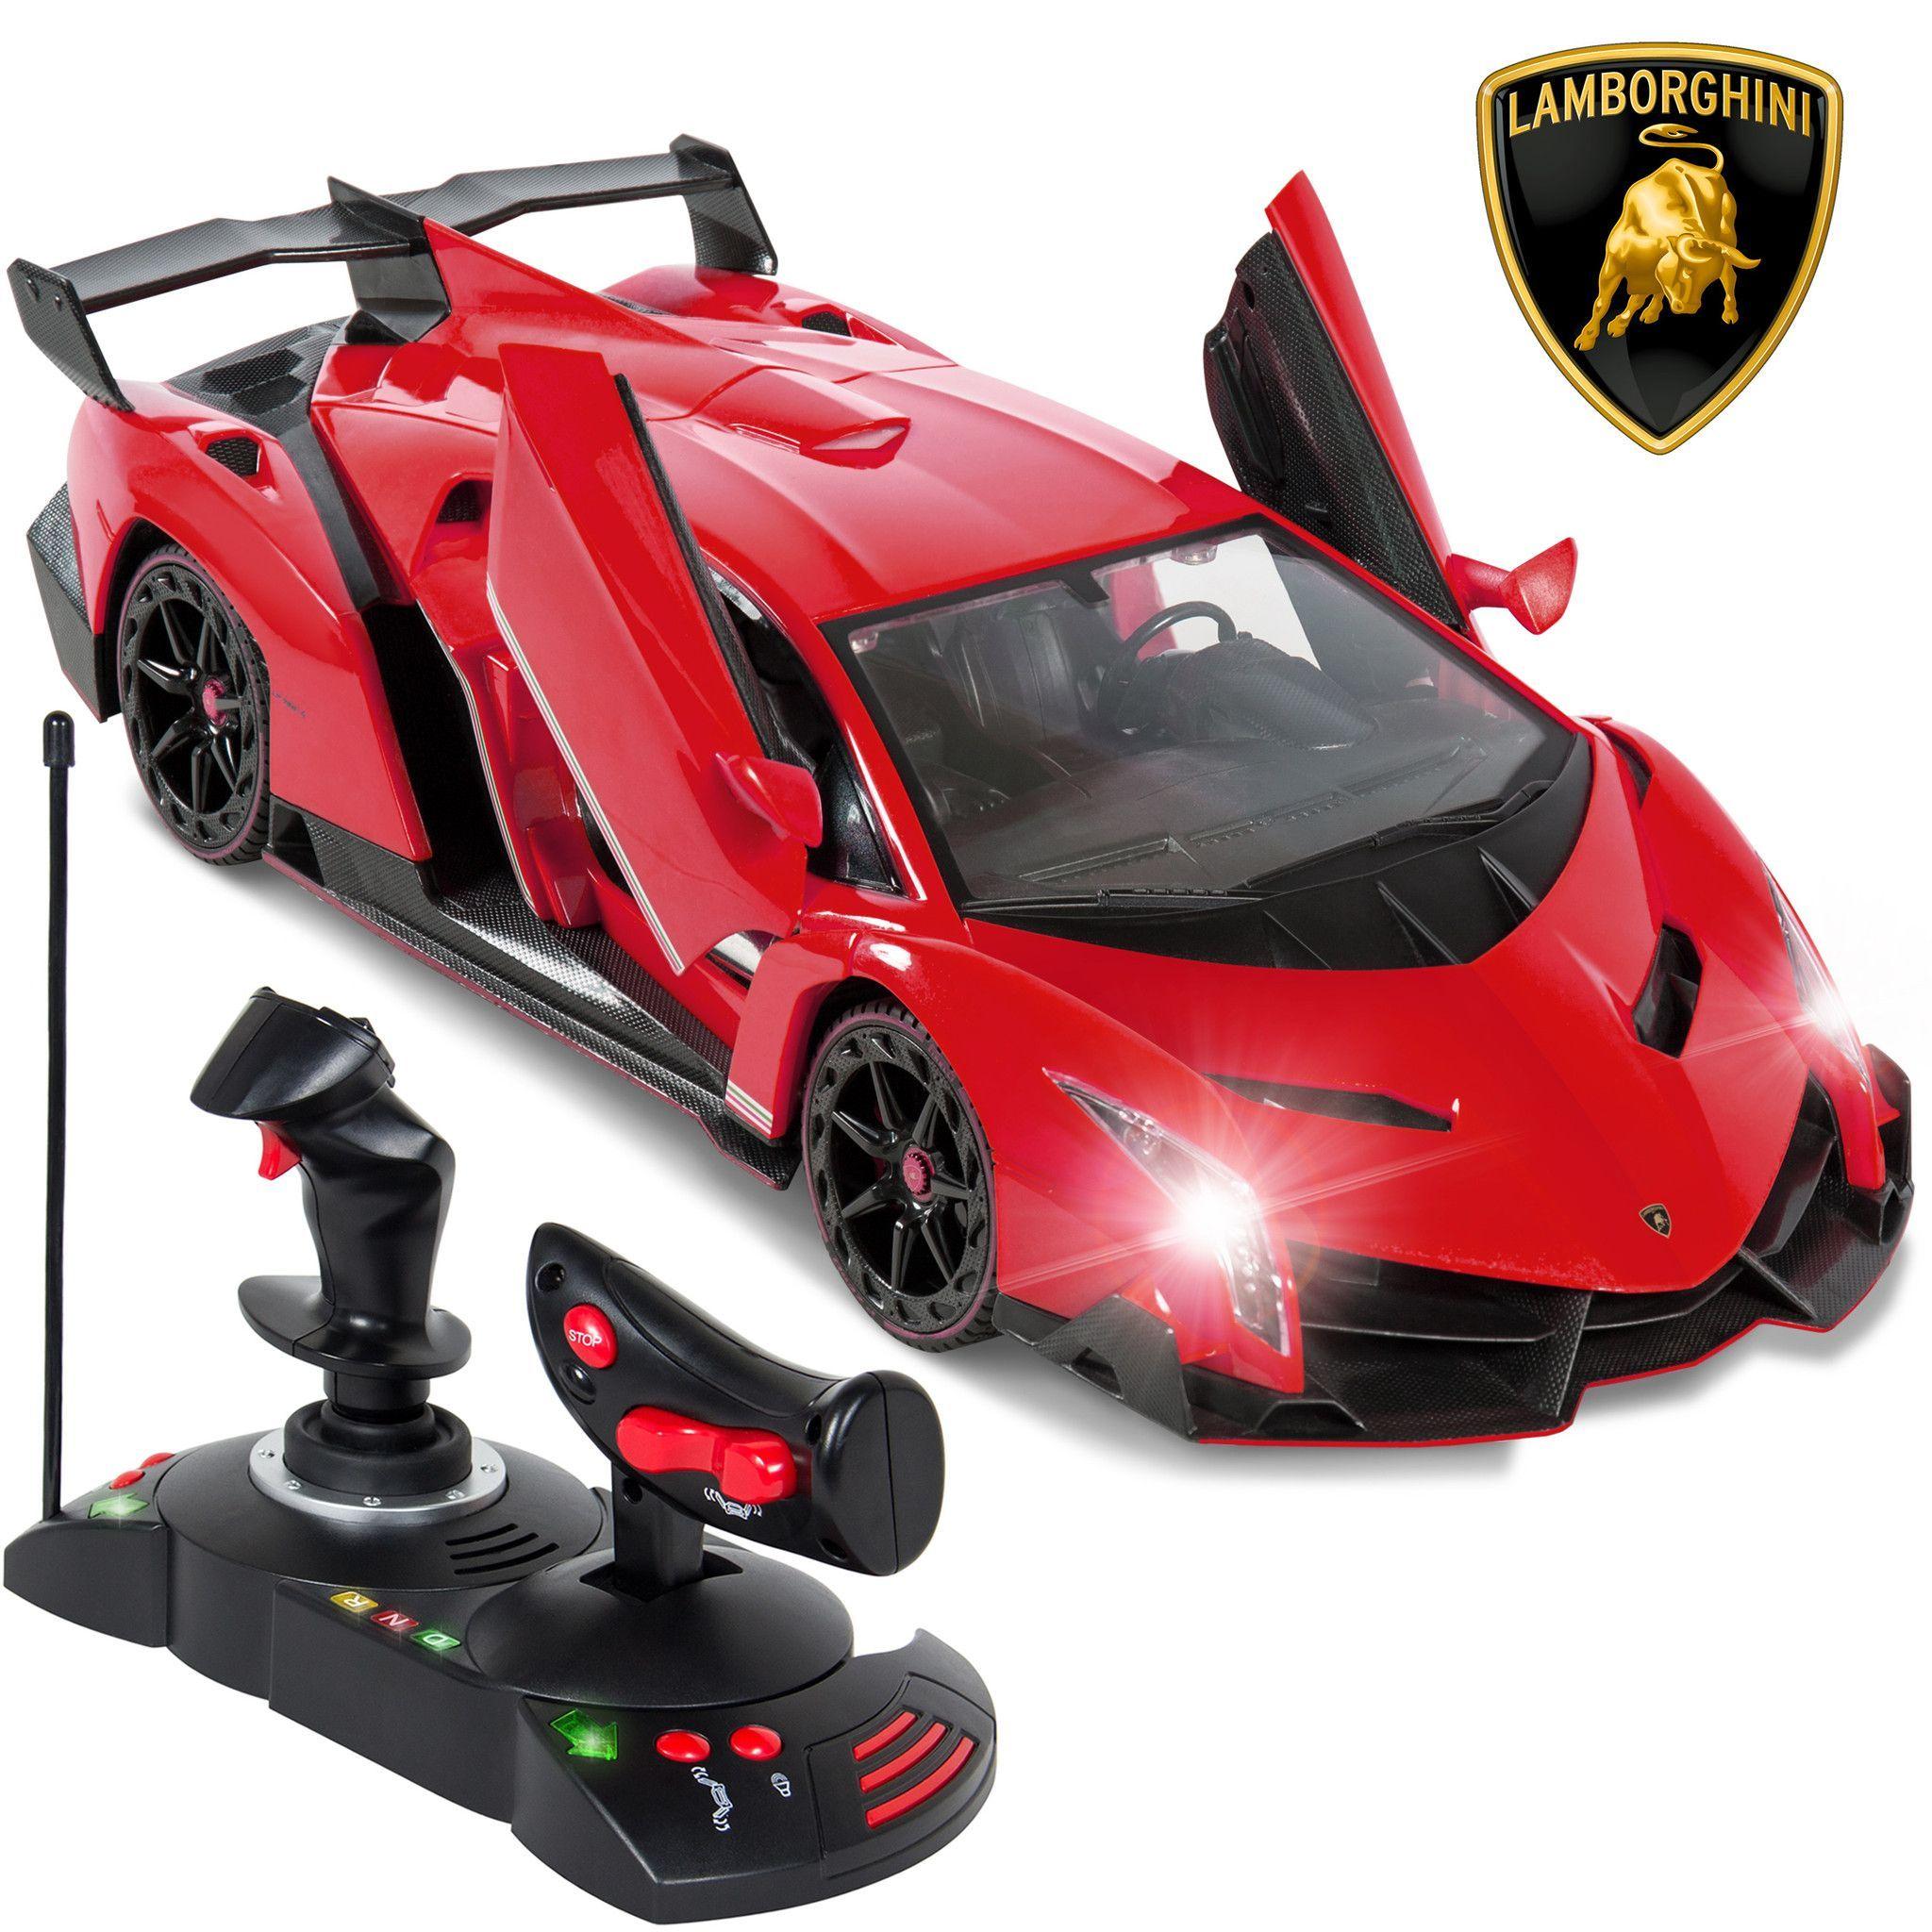 Best Choice Products 1 14 Scale Rc Lamborghini Veneno Gravity Sensor Radio Remote Control Car Red